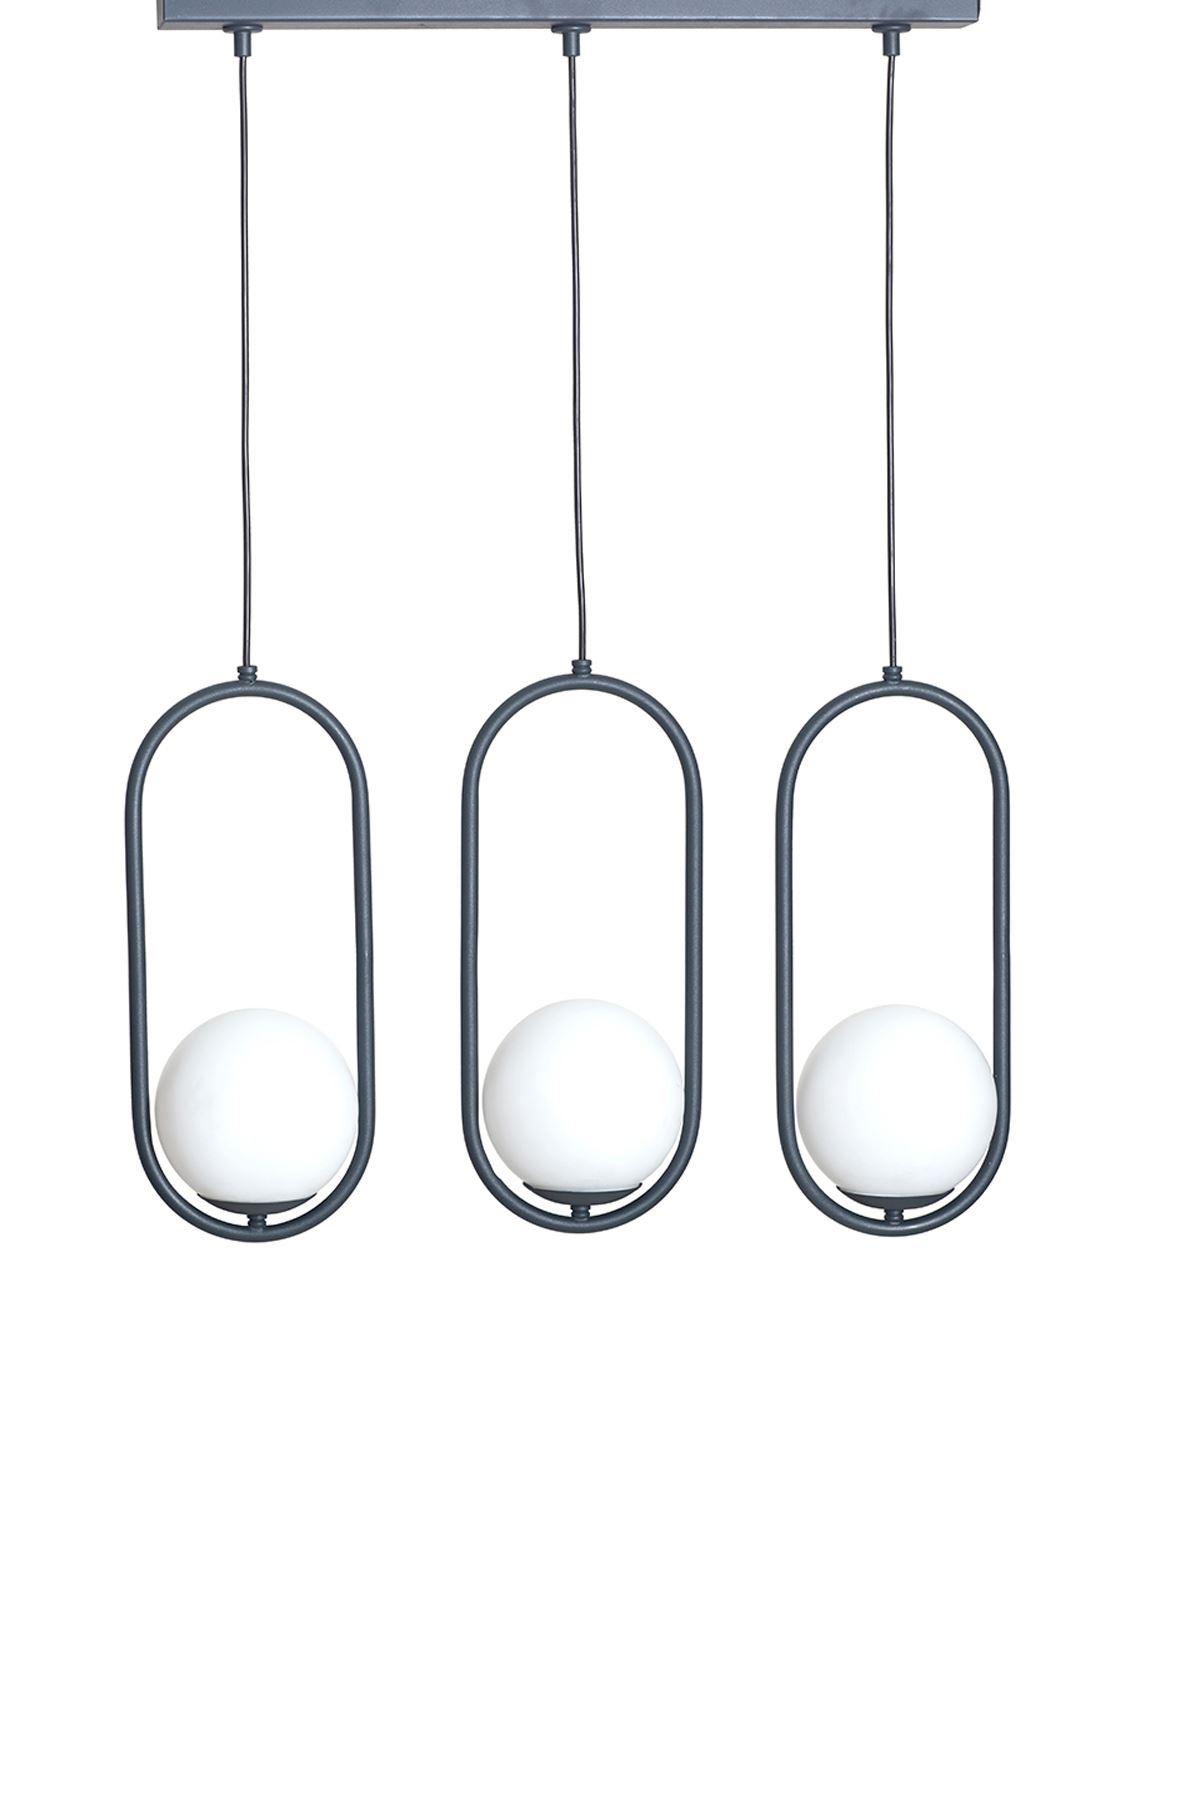 Zenga  3 Lü Antrasit Metal Gövde Beyaz Camlı  Tasarım Lüx  Sıralı Avize